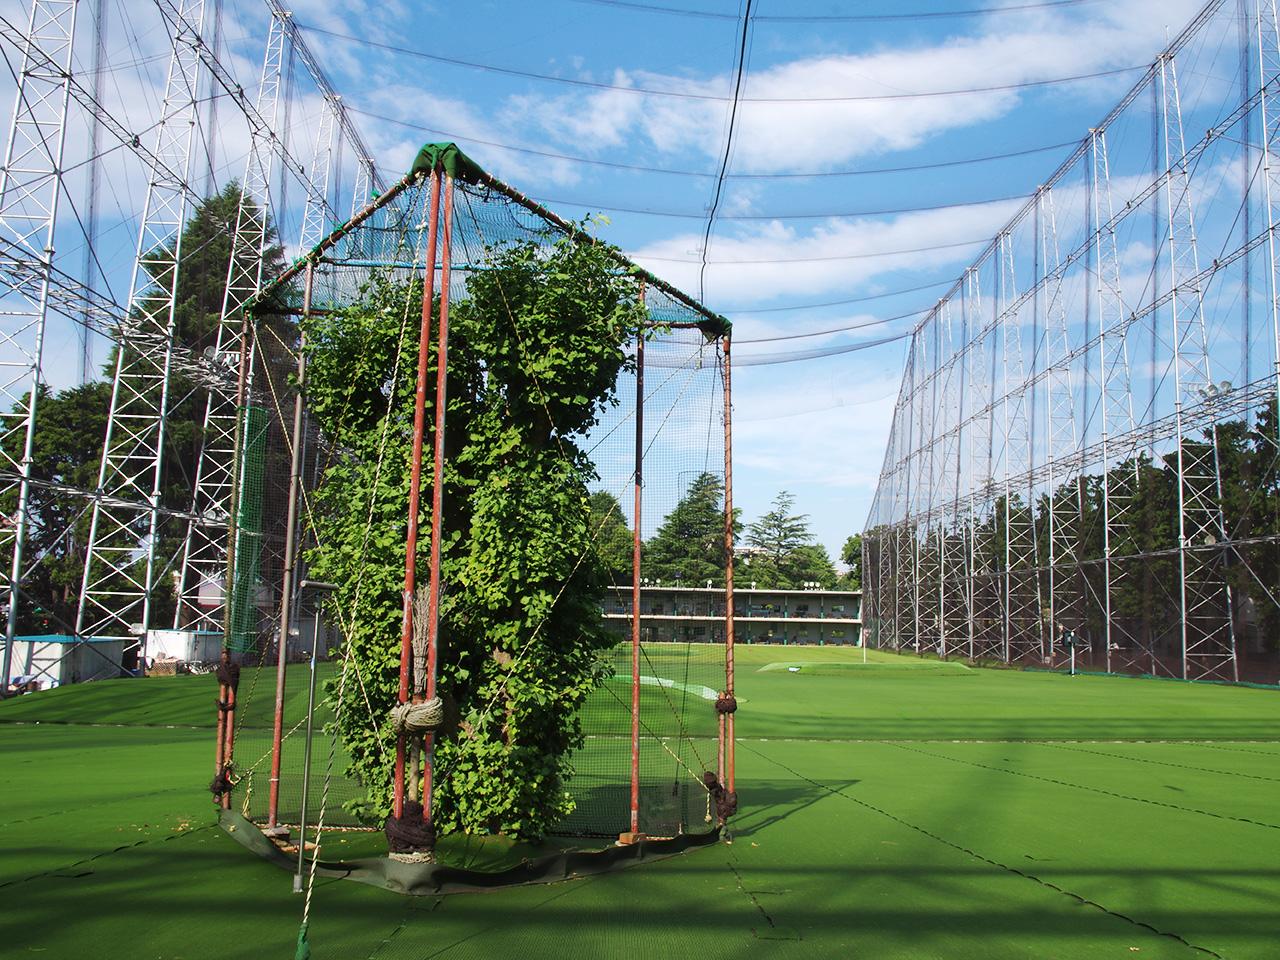 フェアウェイ奥の銀杏の木。開業以来大切にしているご神木です。